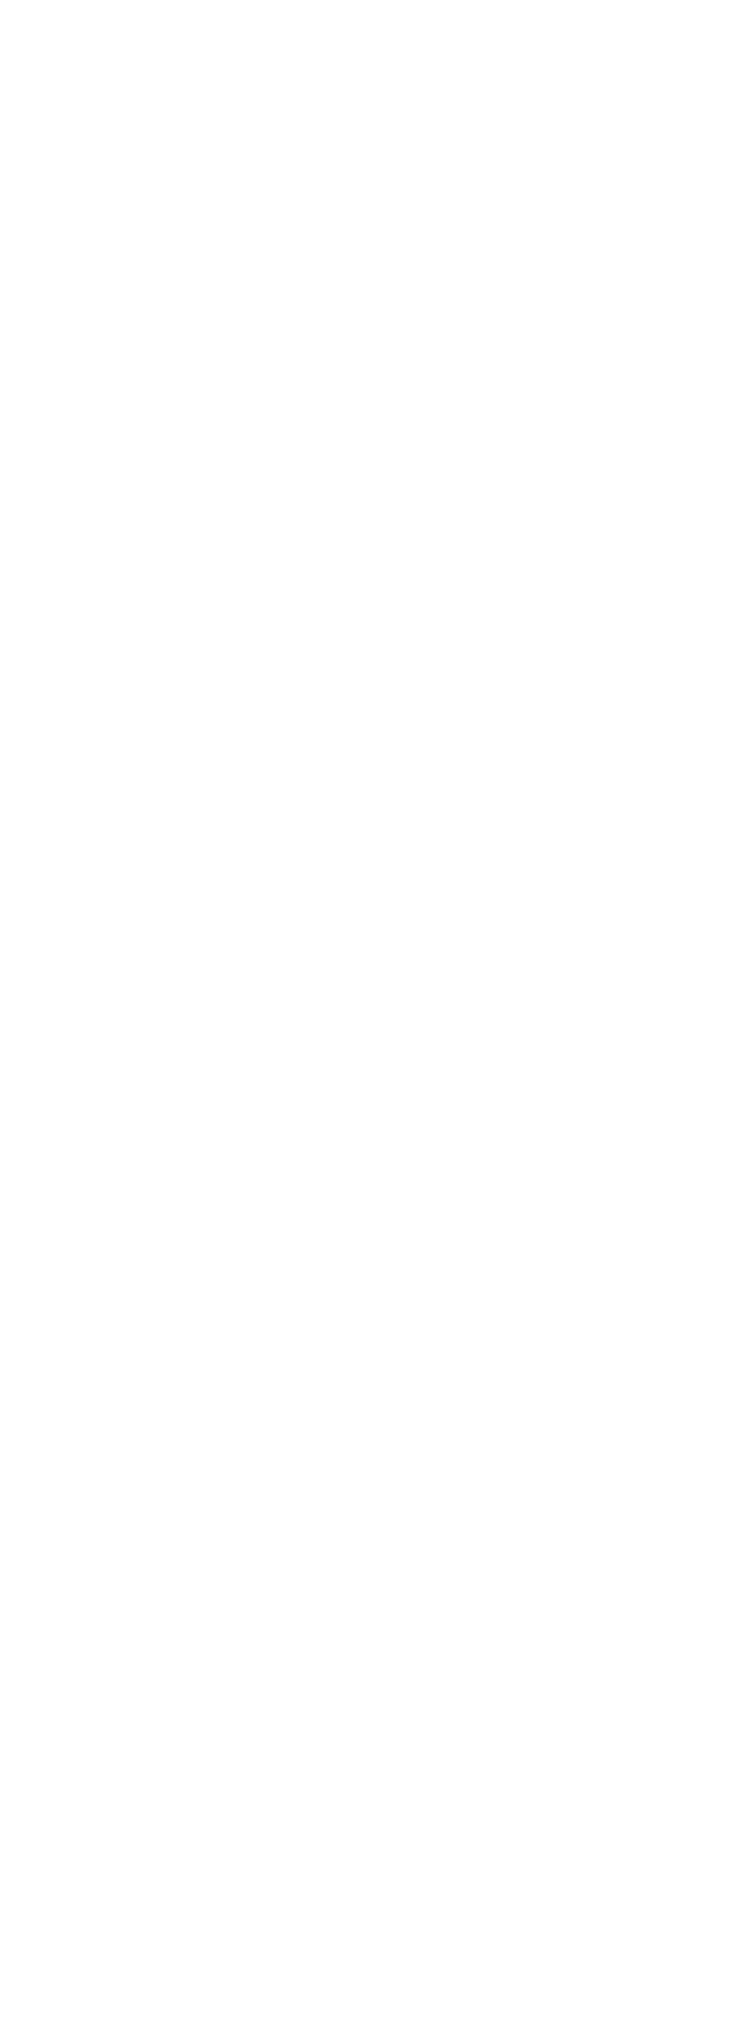 Modelo de fichamento simples_Assunto: Didática